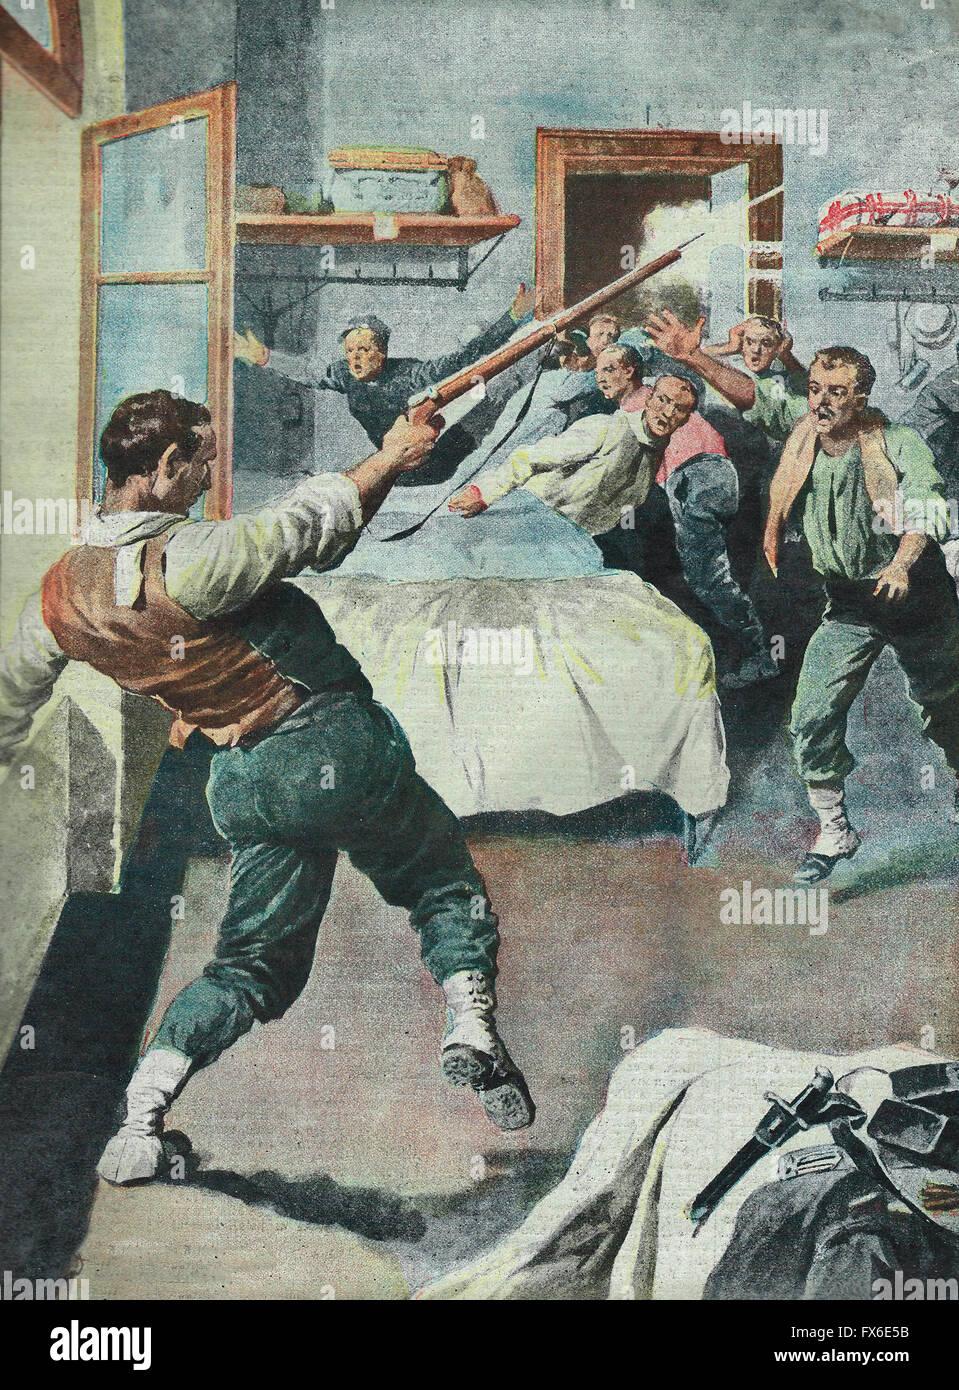 El drama de la locura, un soldado italiano incendios en sus camaradas en un cuartel en Cremona 1913 Imagen De Stock